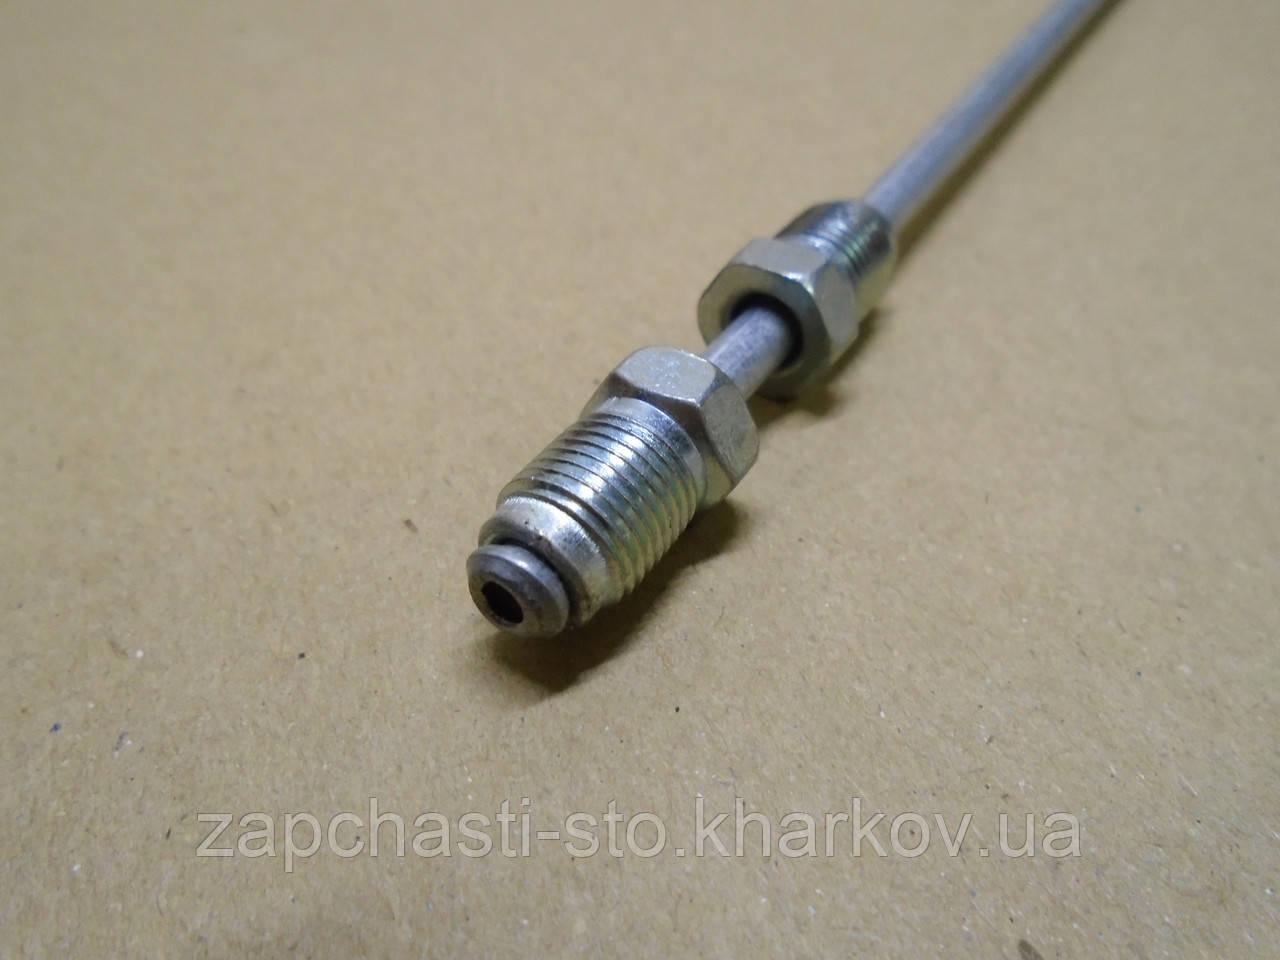 Тормозная трубка для иномарок передняя задняя 1м